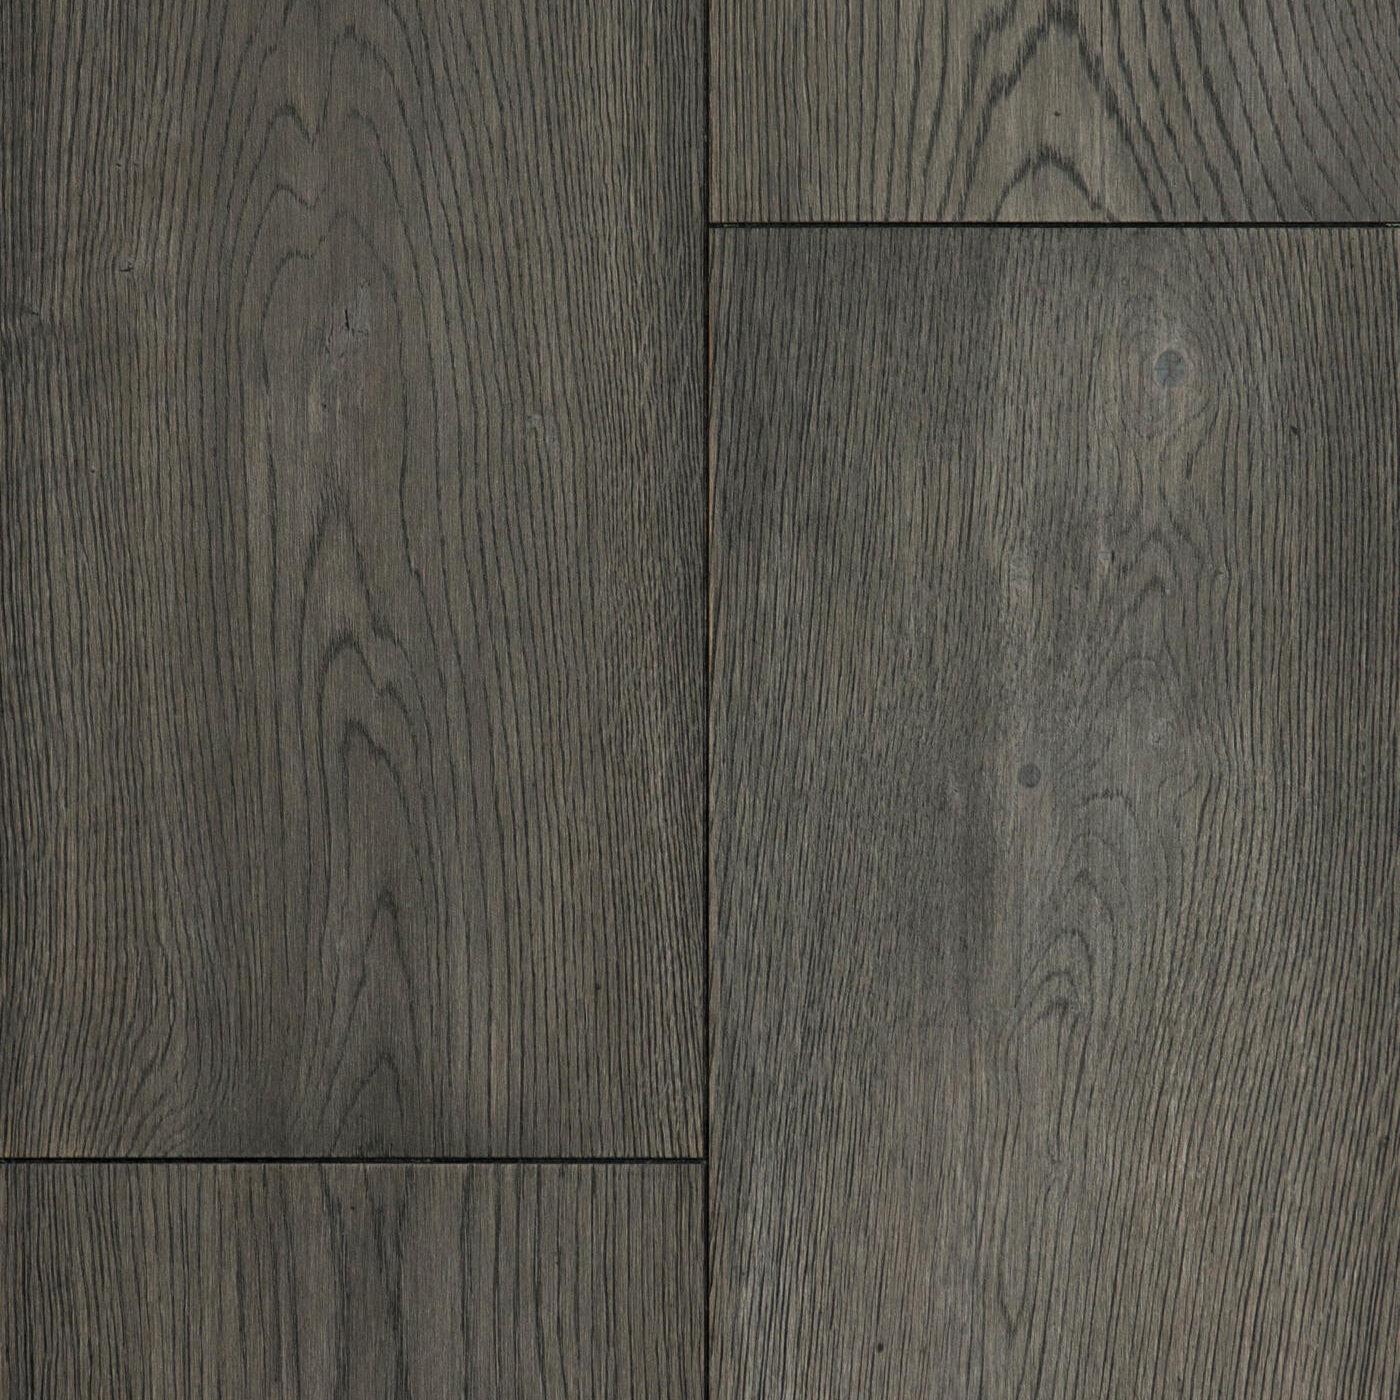 inzhenerna-doshka-arbofari-xxl-oak-graphite